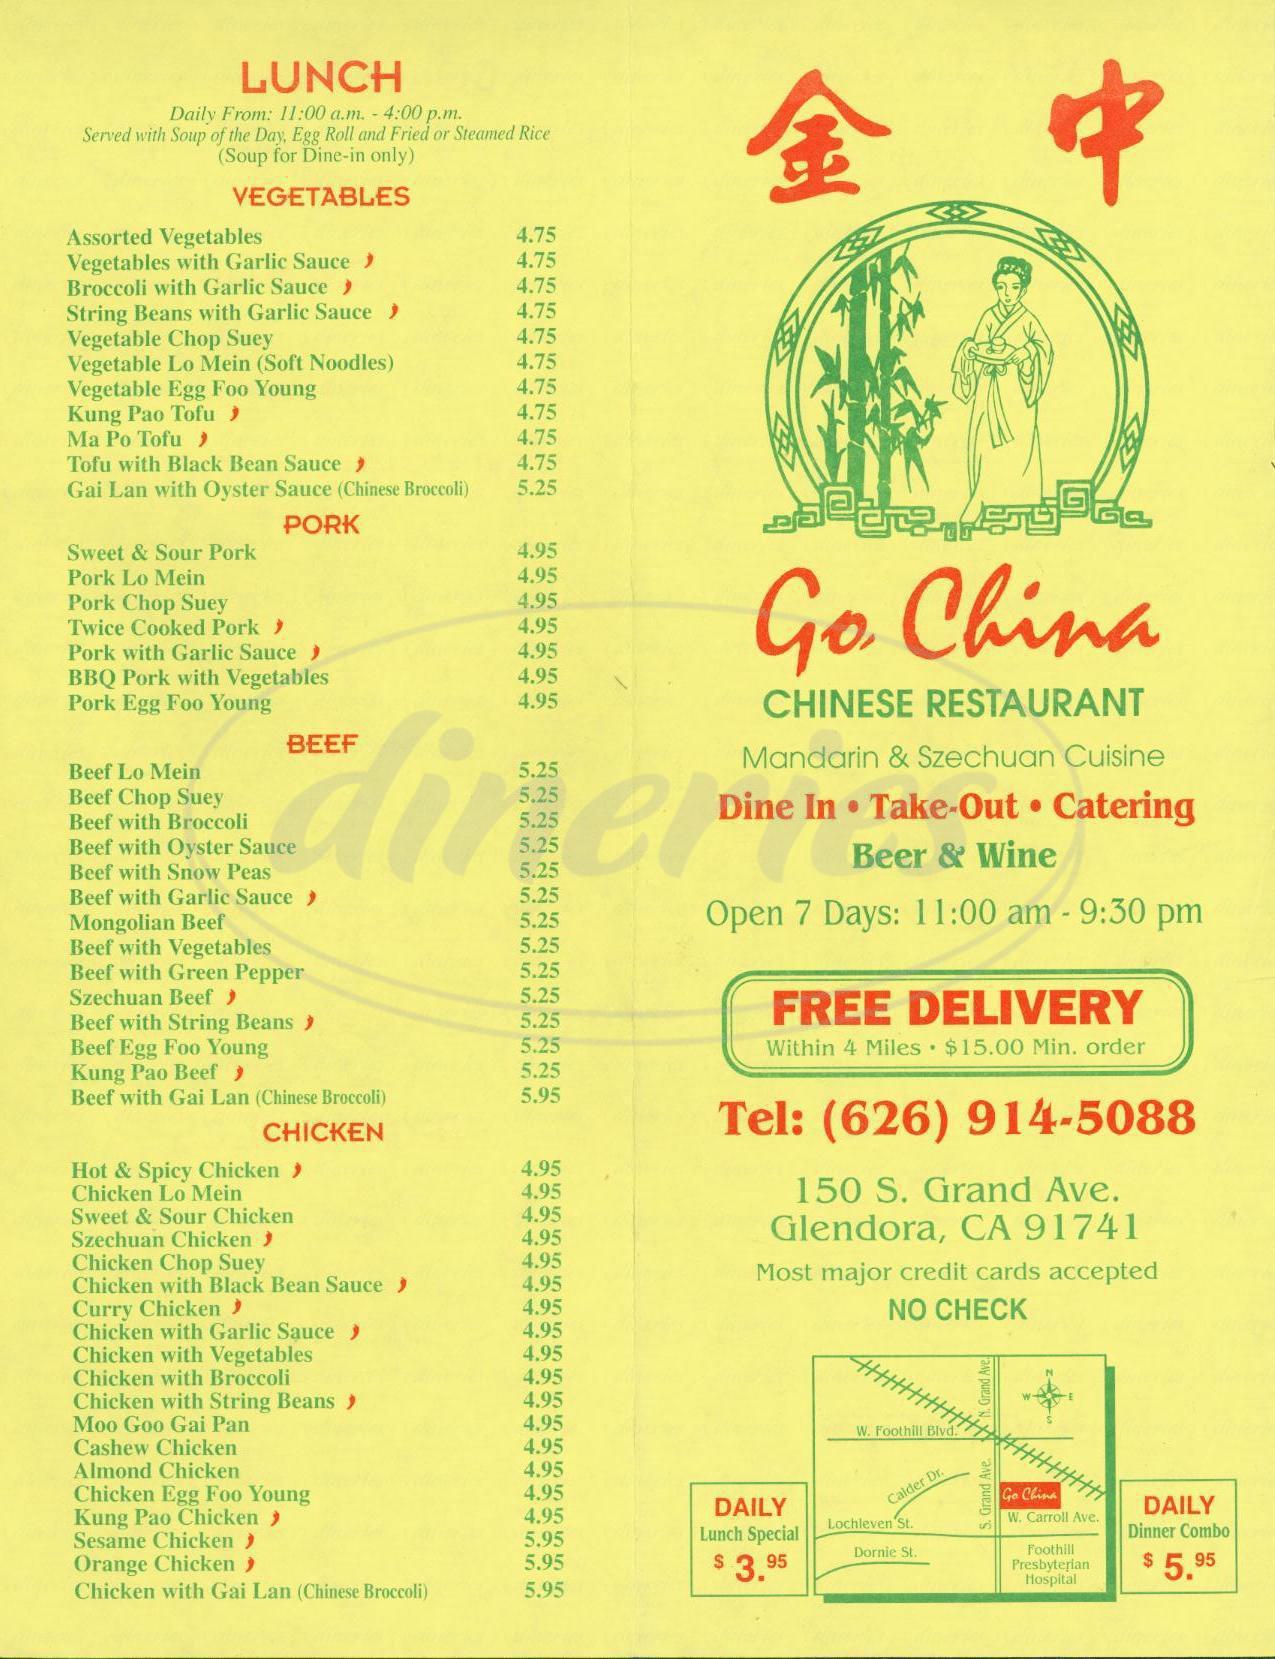 menu for Go China